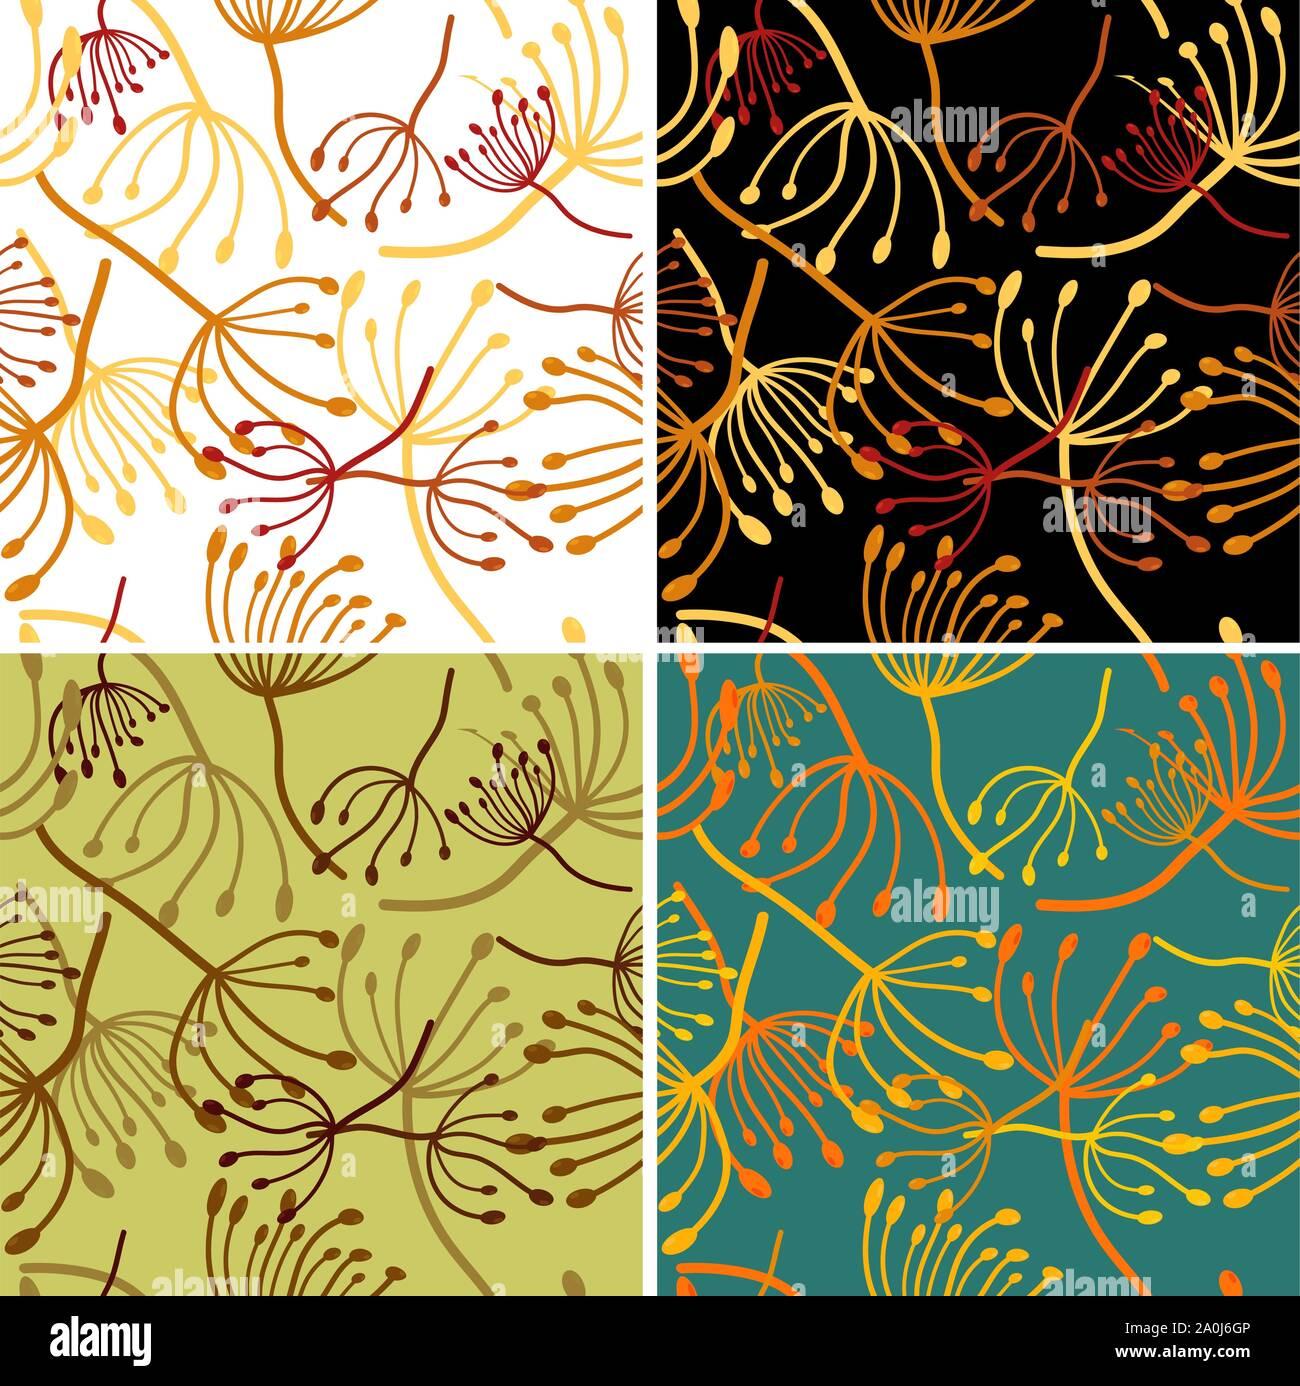 Vintage Card For Wallpaper Design Seamless Floral Wallpaper